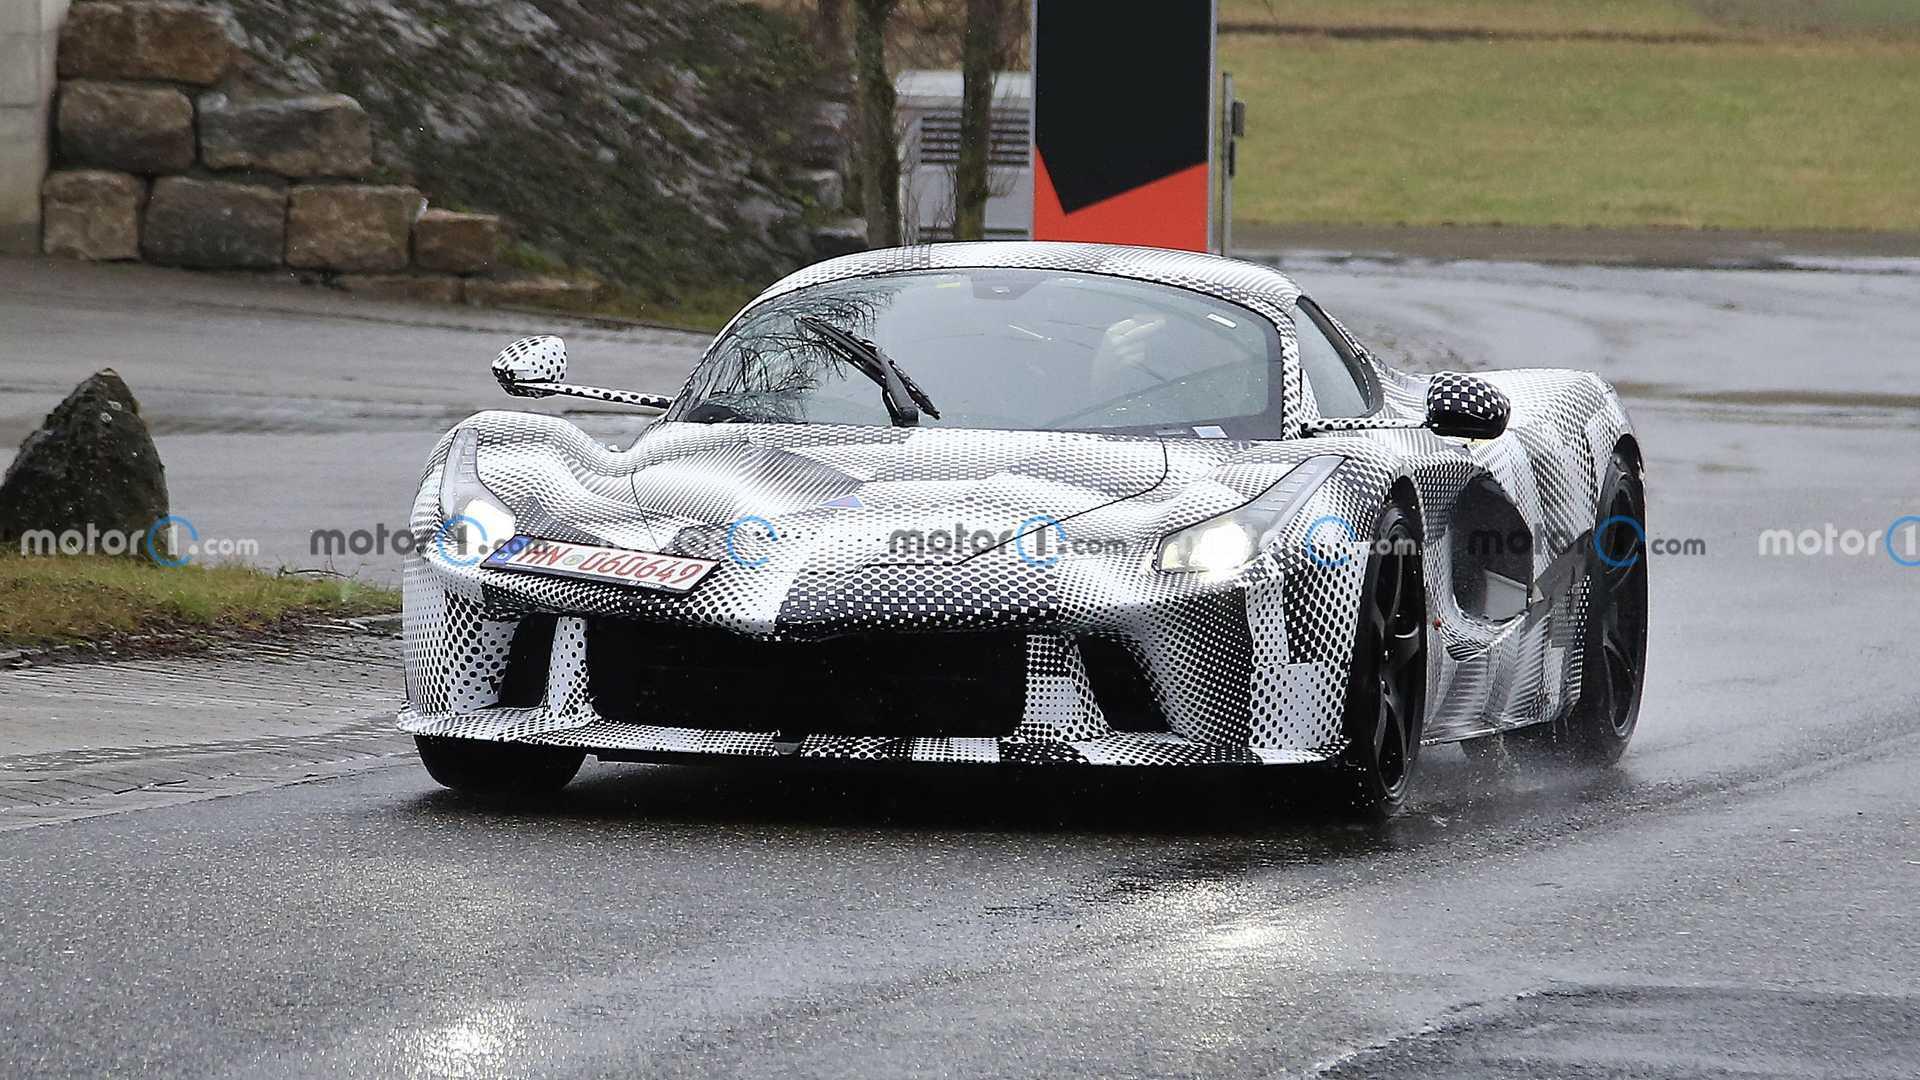 خودروی Ferrari hypercar در بدنه LaFerrari مخفی شد